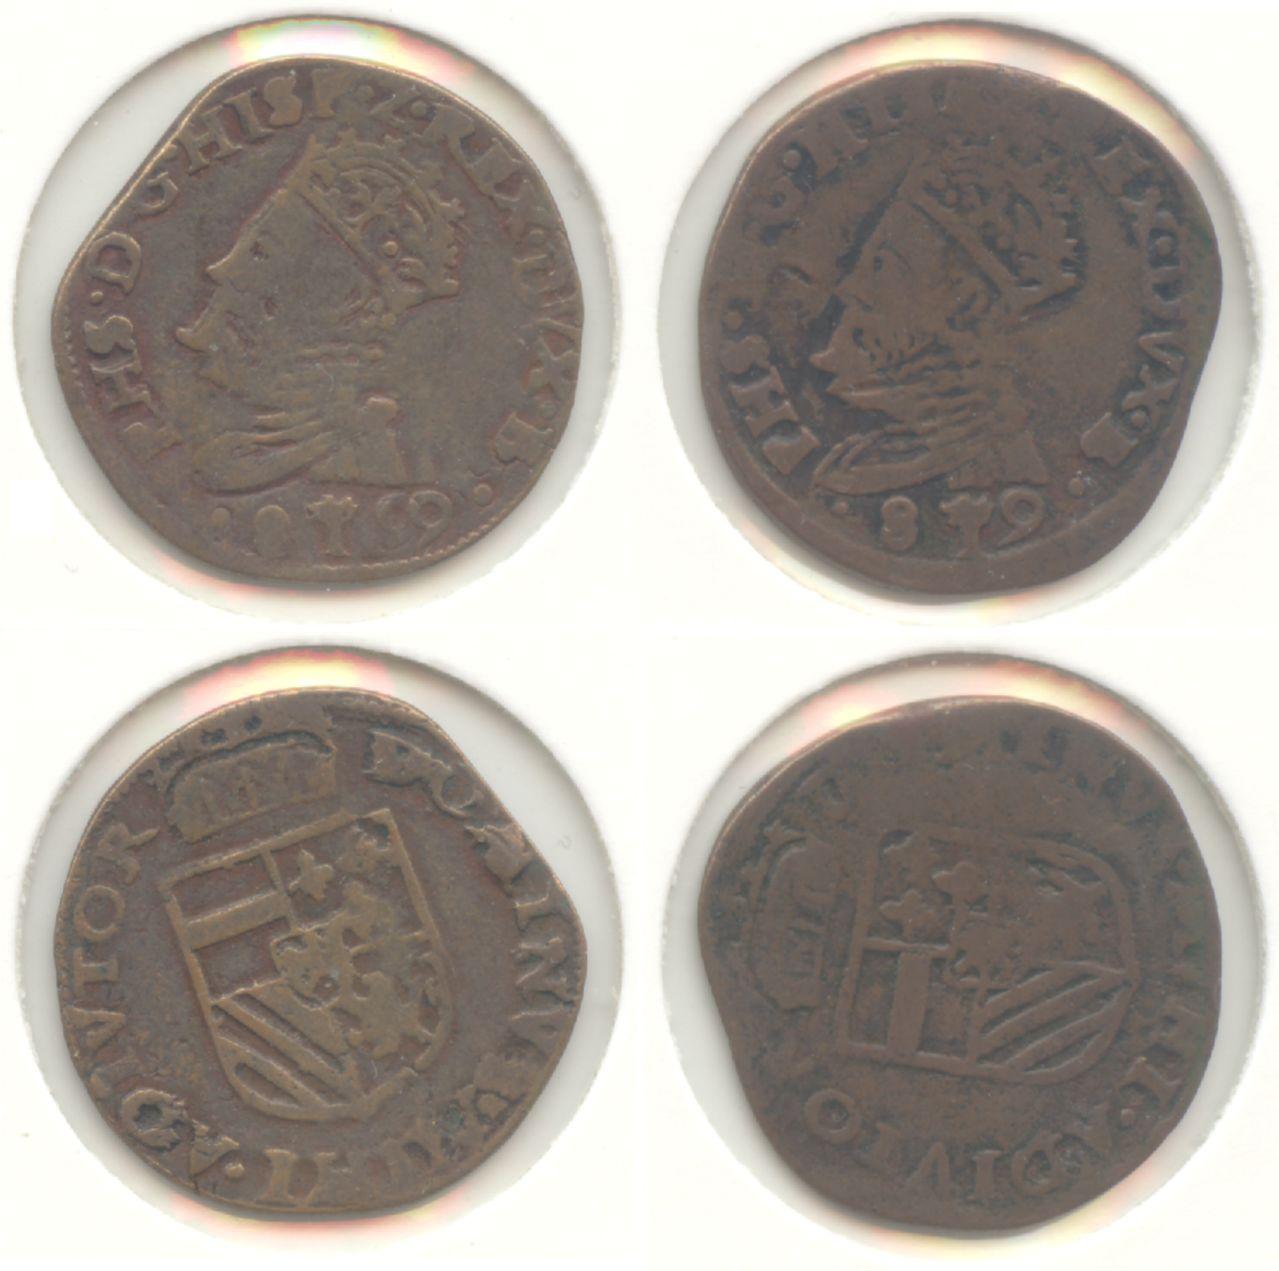 Monedas acuñadas en los Paises Bajos a nombre de Felipe II - Página 7 Hertogelijke_oord_1589_600_20_10